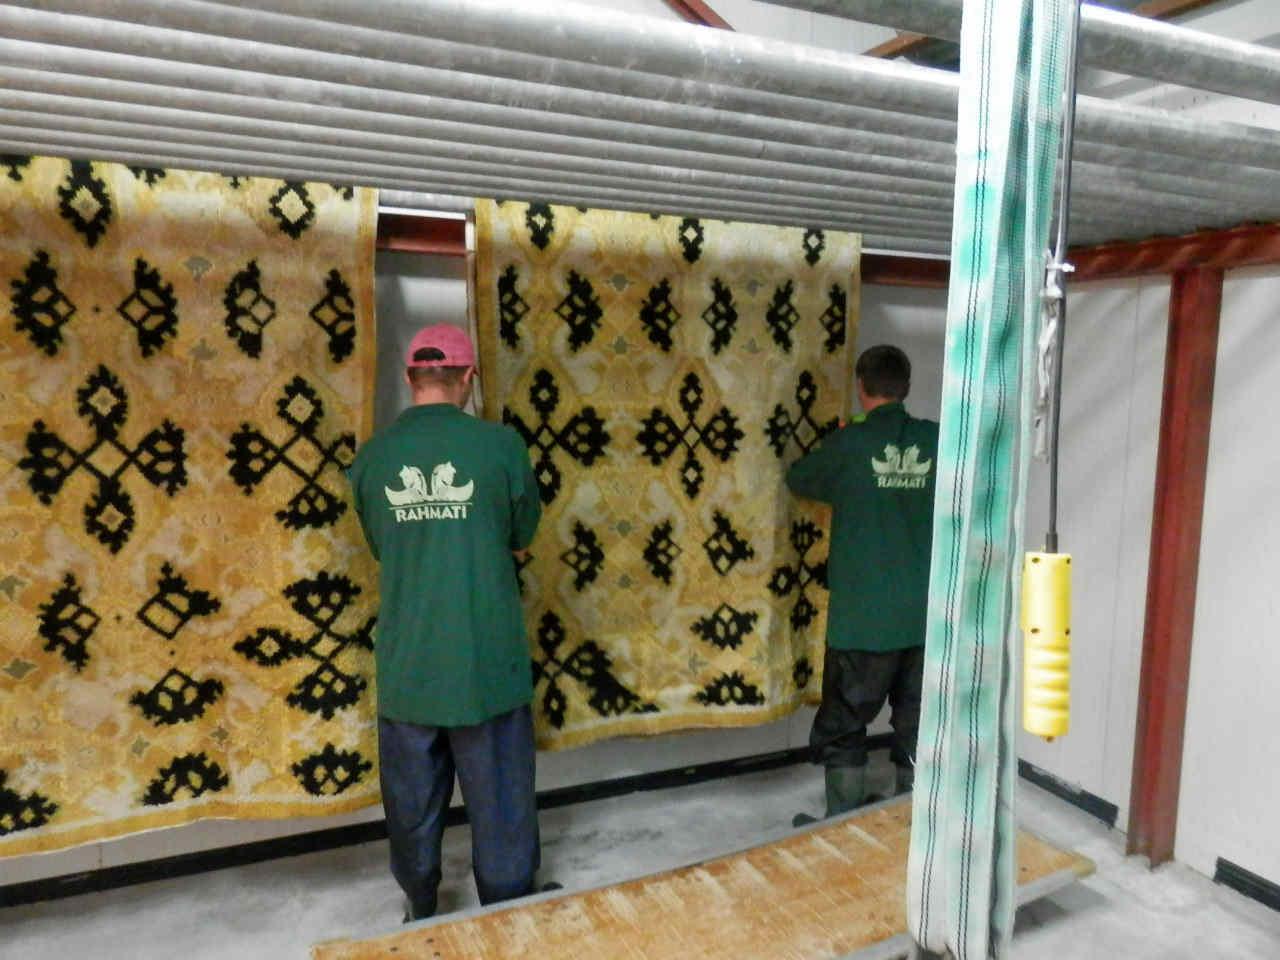 limpieza alfombras orientales